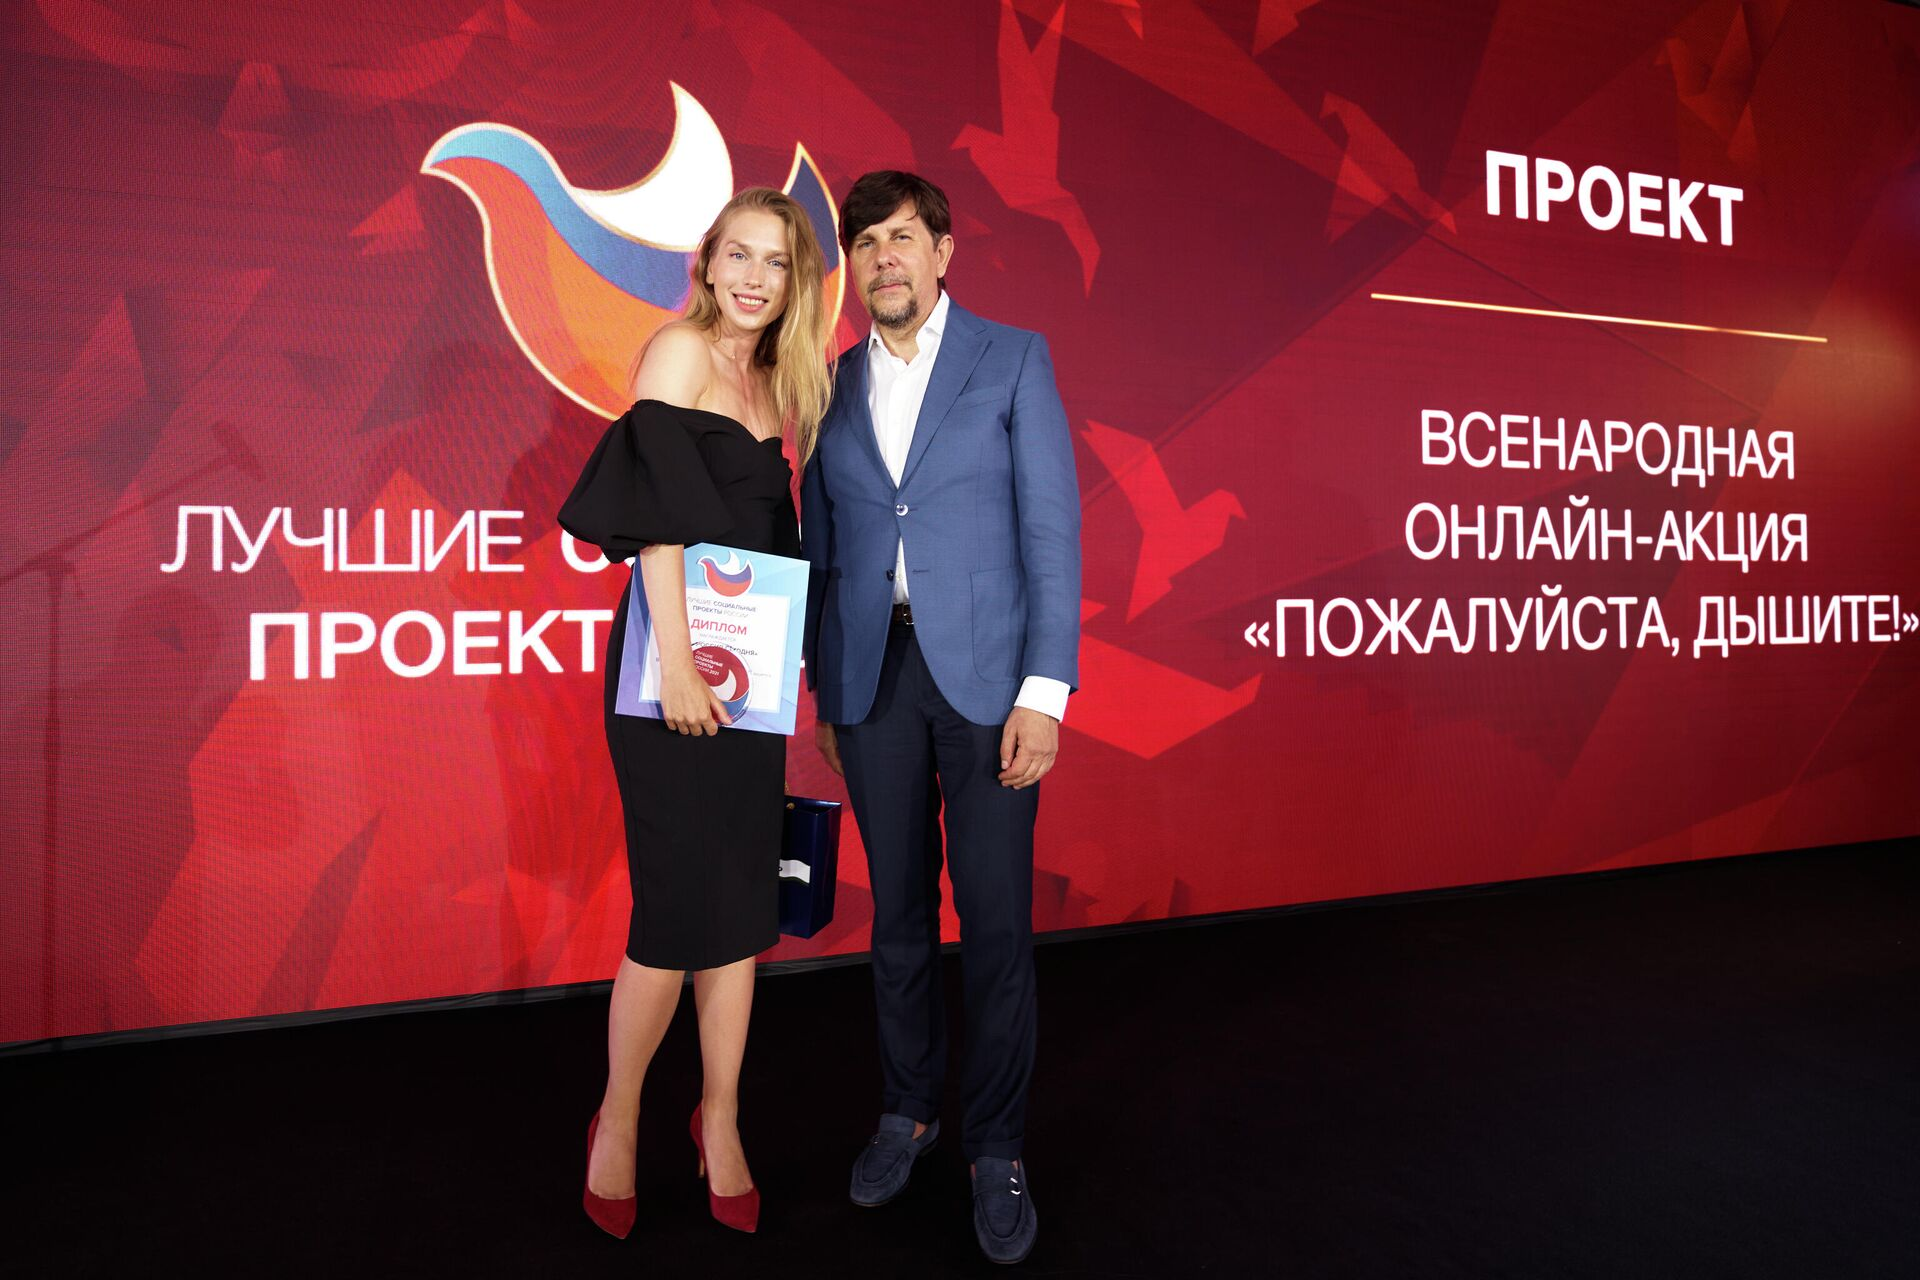 Четыре проекта медиагруппы Россия сегодня победили на премии Лучшие социальные проекты России - РИА Новости, 1920, 30.06.2021